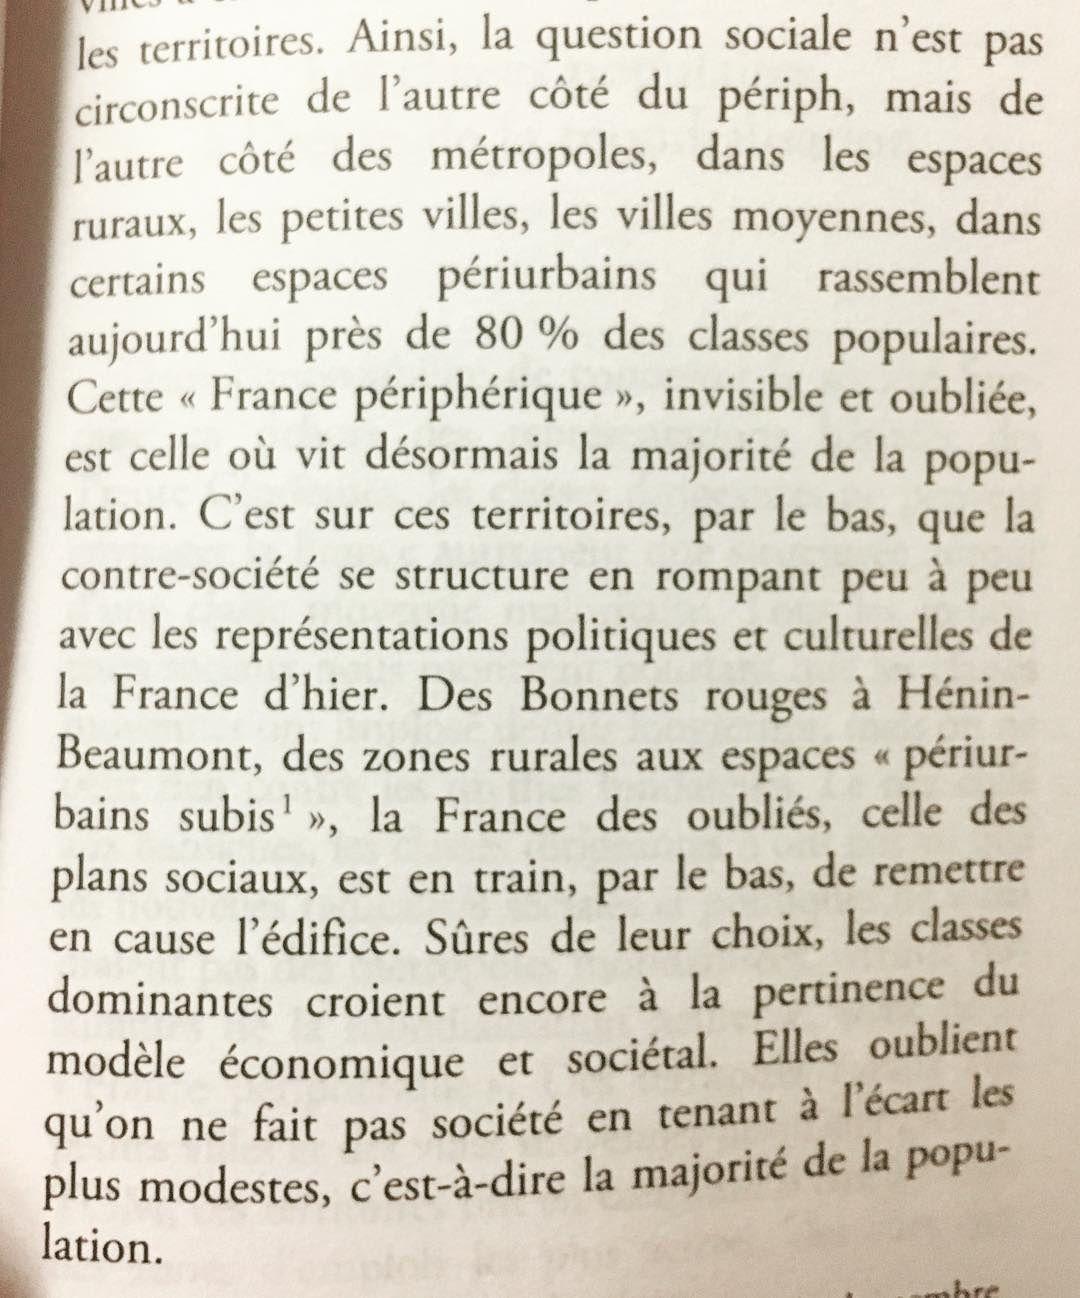 Une page qui résume très bien la France périphérique.